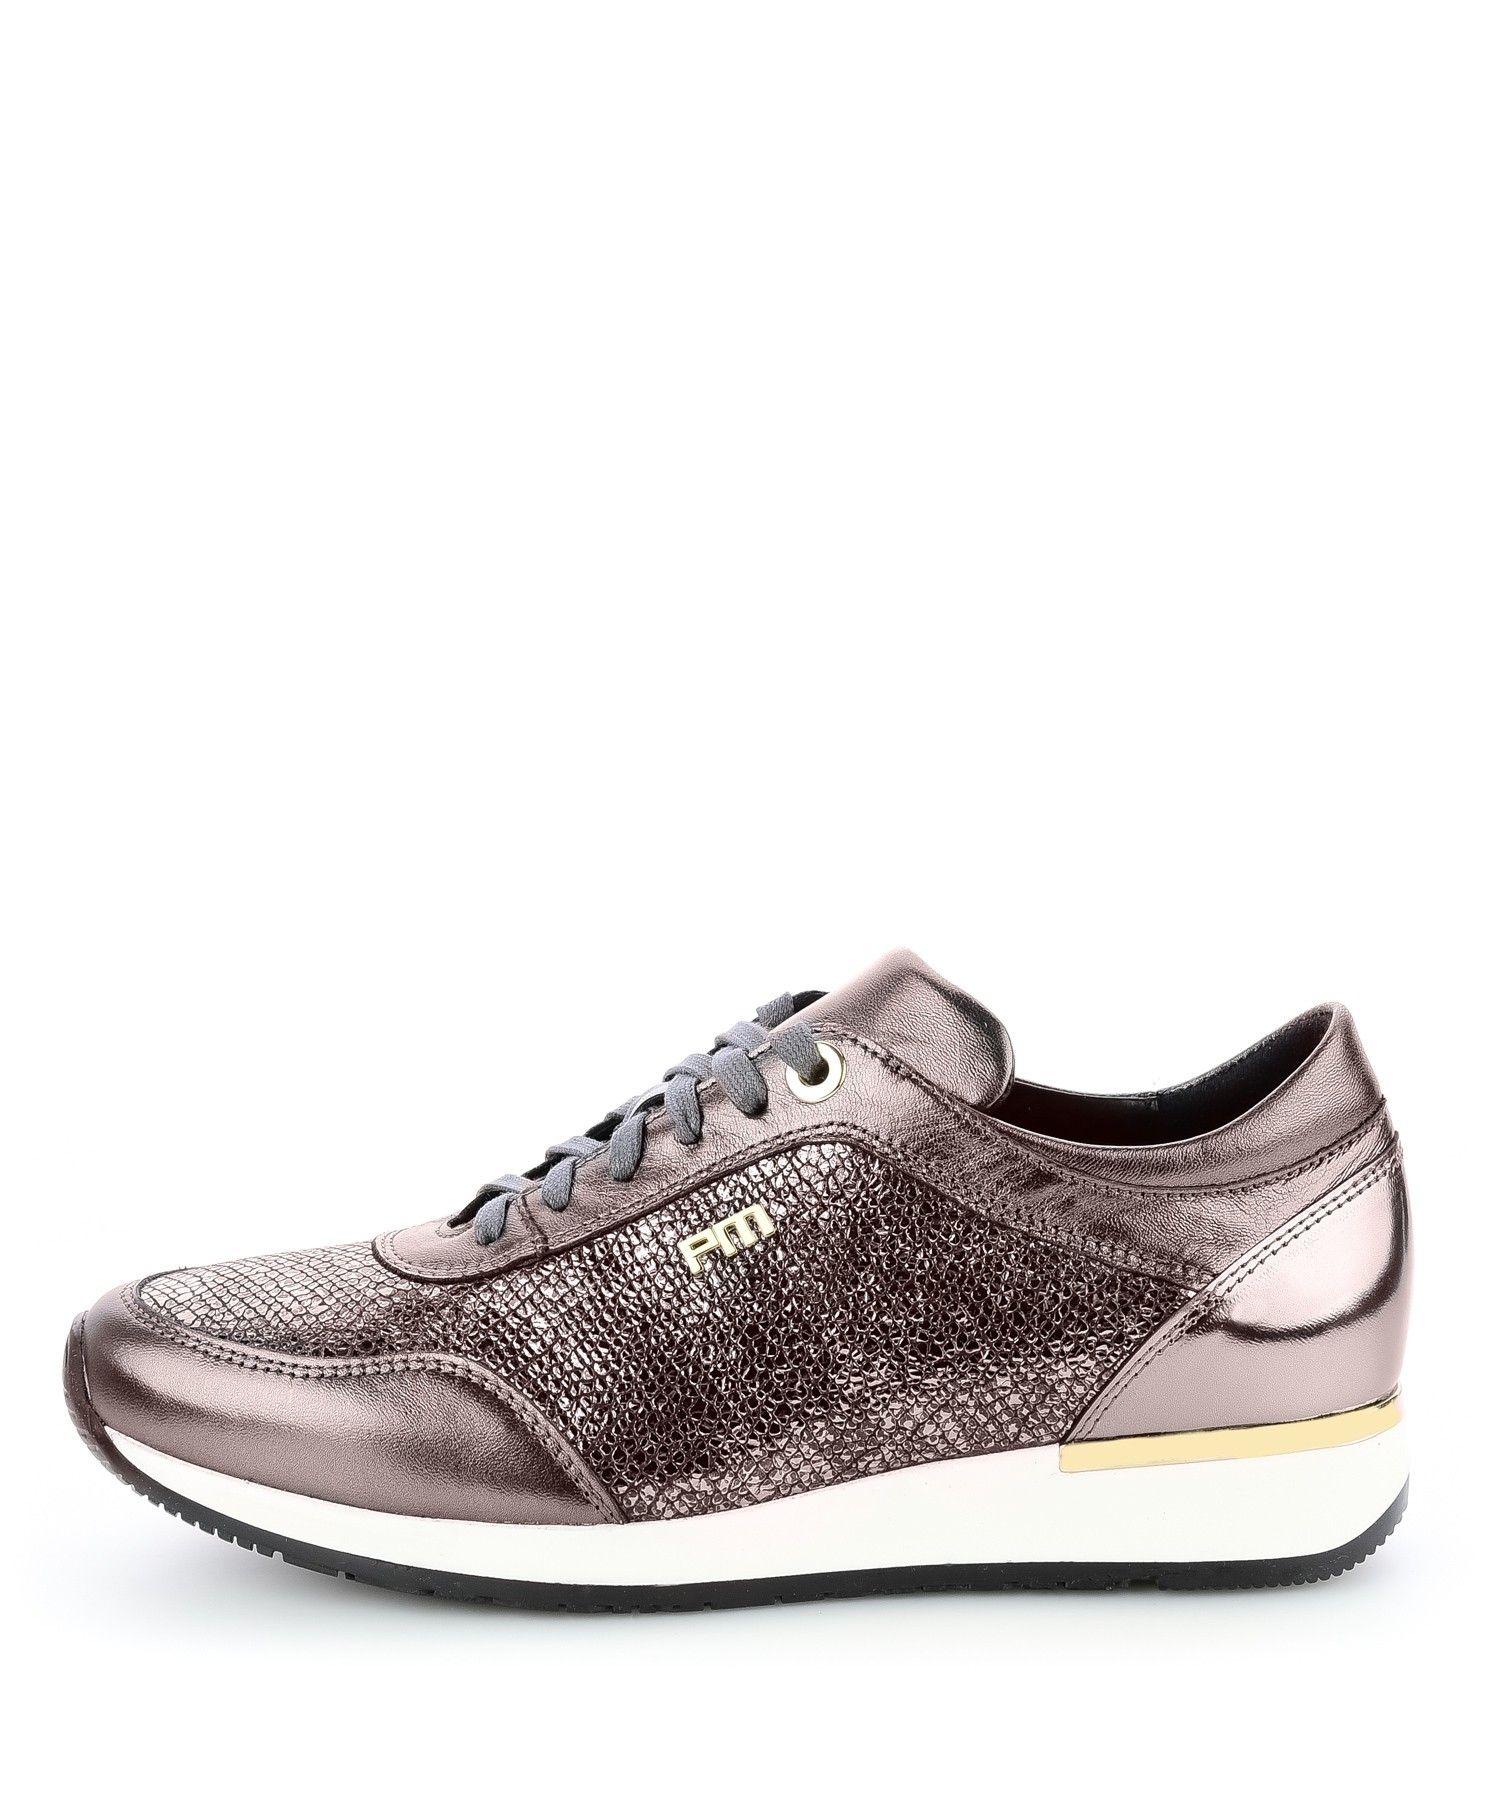 Grafitowe Sportowe Polbuty Ze Skory Laminowanej Fabbri Buty Damskie Sportowe Buty Damskie Skorzane Zamszowe Nubukowe Primamoda Shoes Sneakers Fashion